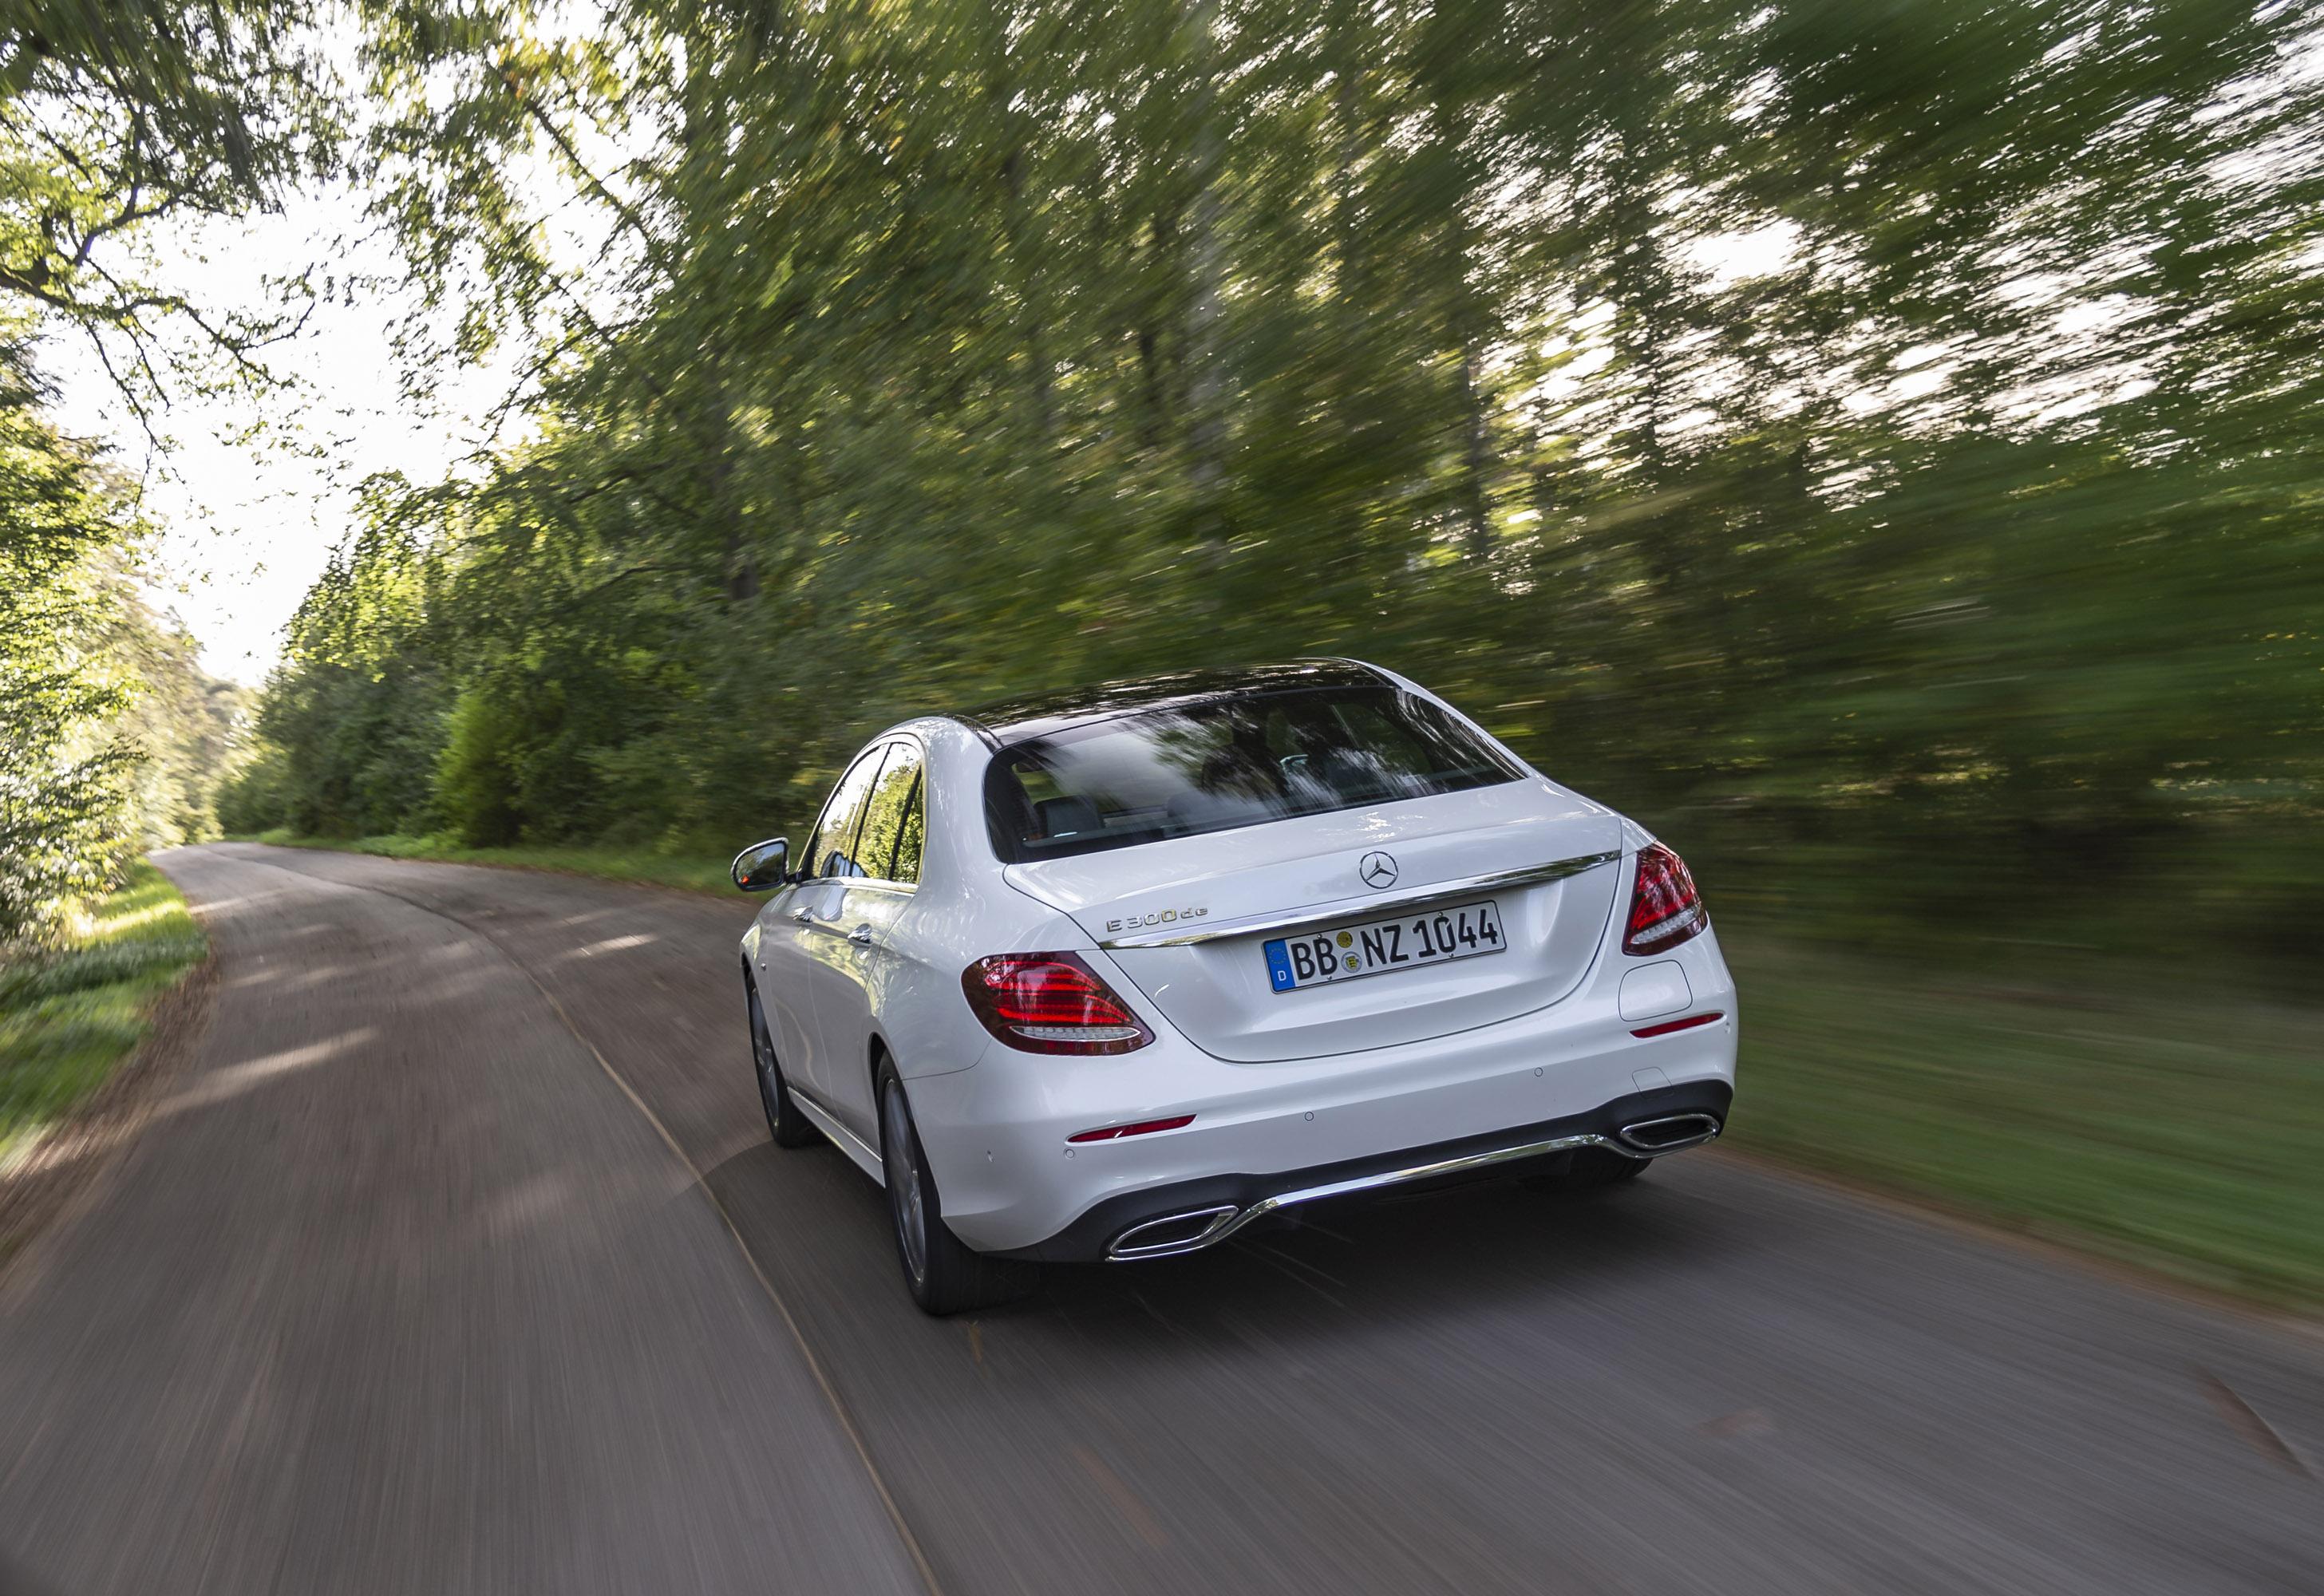 E 300 выглядит красиво, стильно и способным отстоять знаменитый статус высокого качества и роскоши Mercedes-Benz. Новые машины Saloon и Estate оснащены гибким 2,0-литровым дизельным двигателем, который производит в общей сложности 194 л.с. и высокий